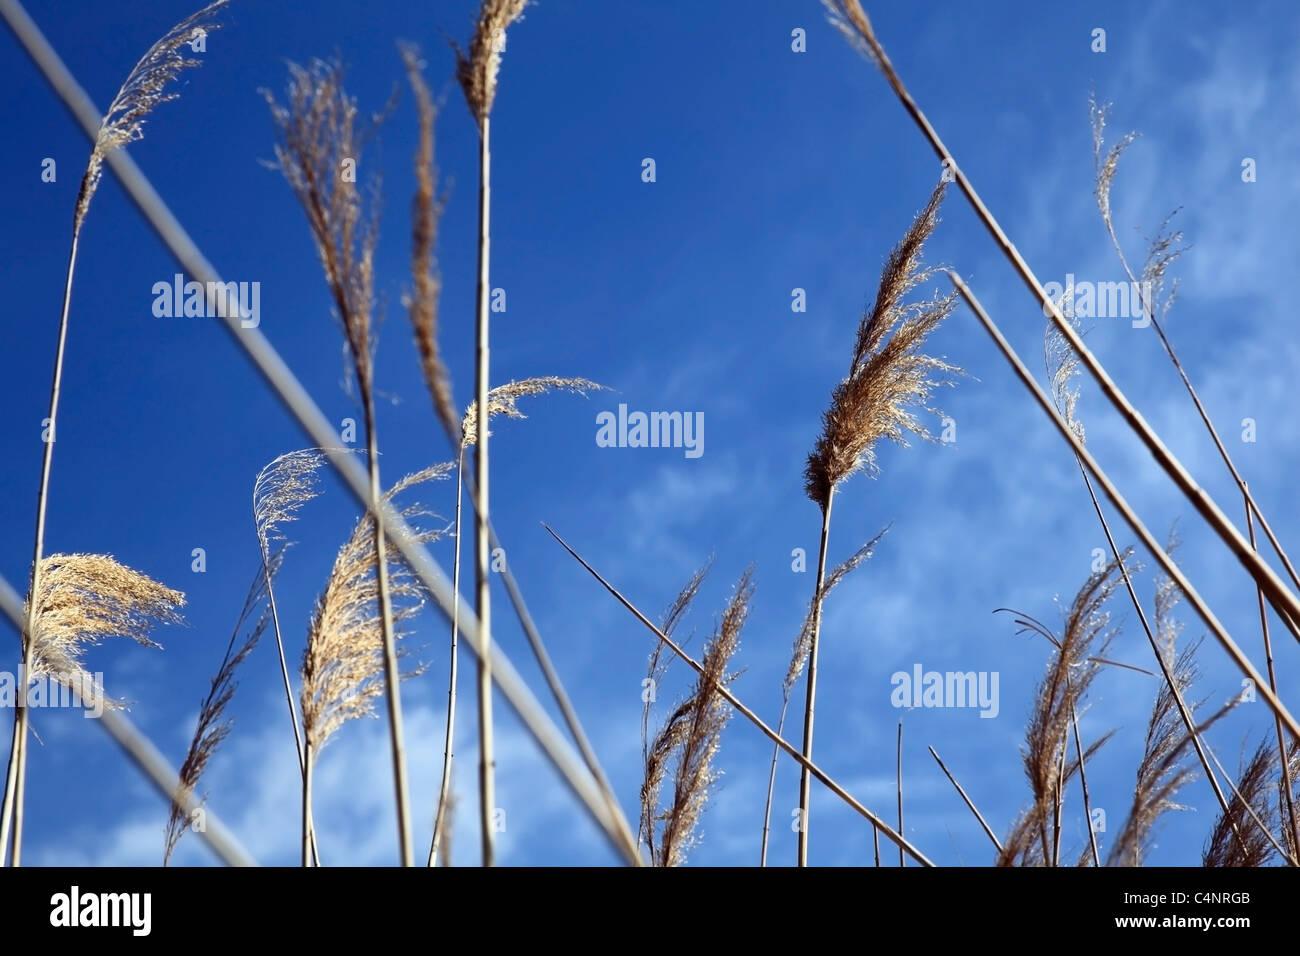 Estate canzone. Piante su un cielo blu sullo sfondo. DOF poco profondo. Immagini Stock